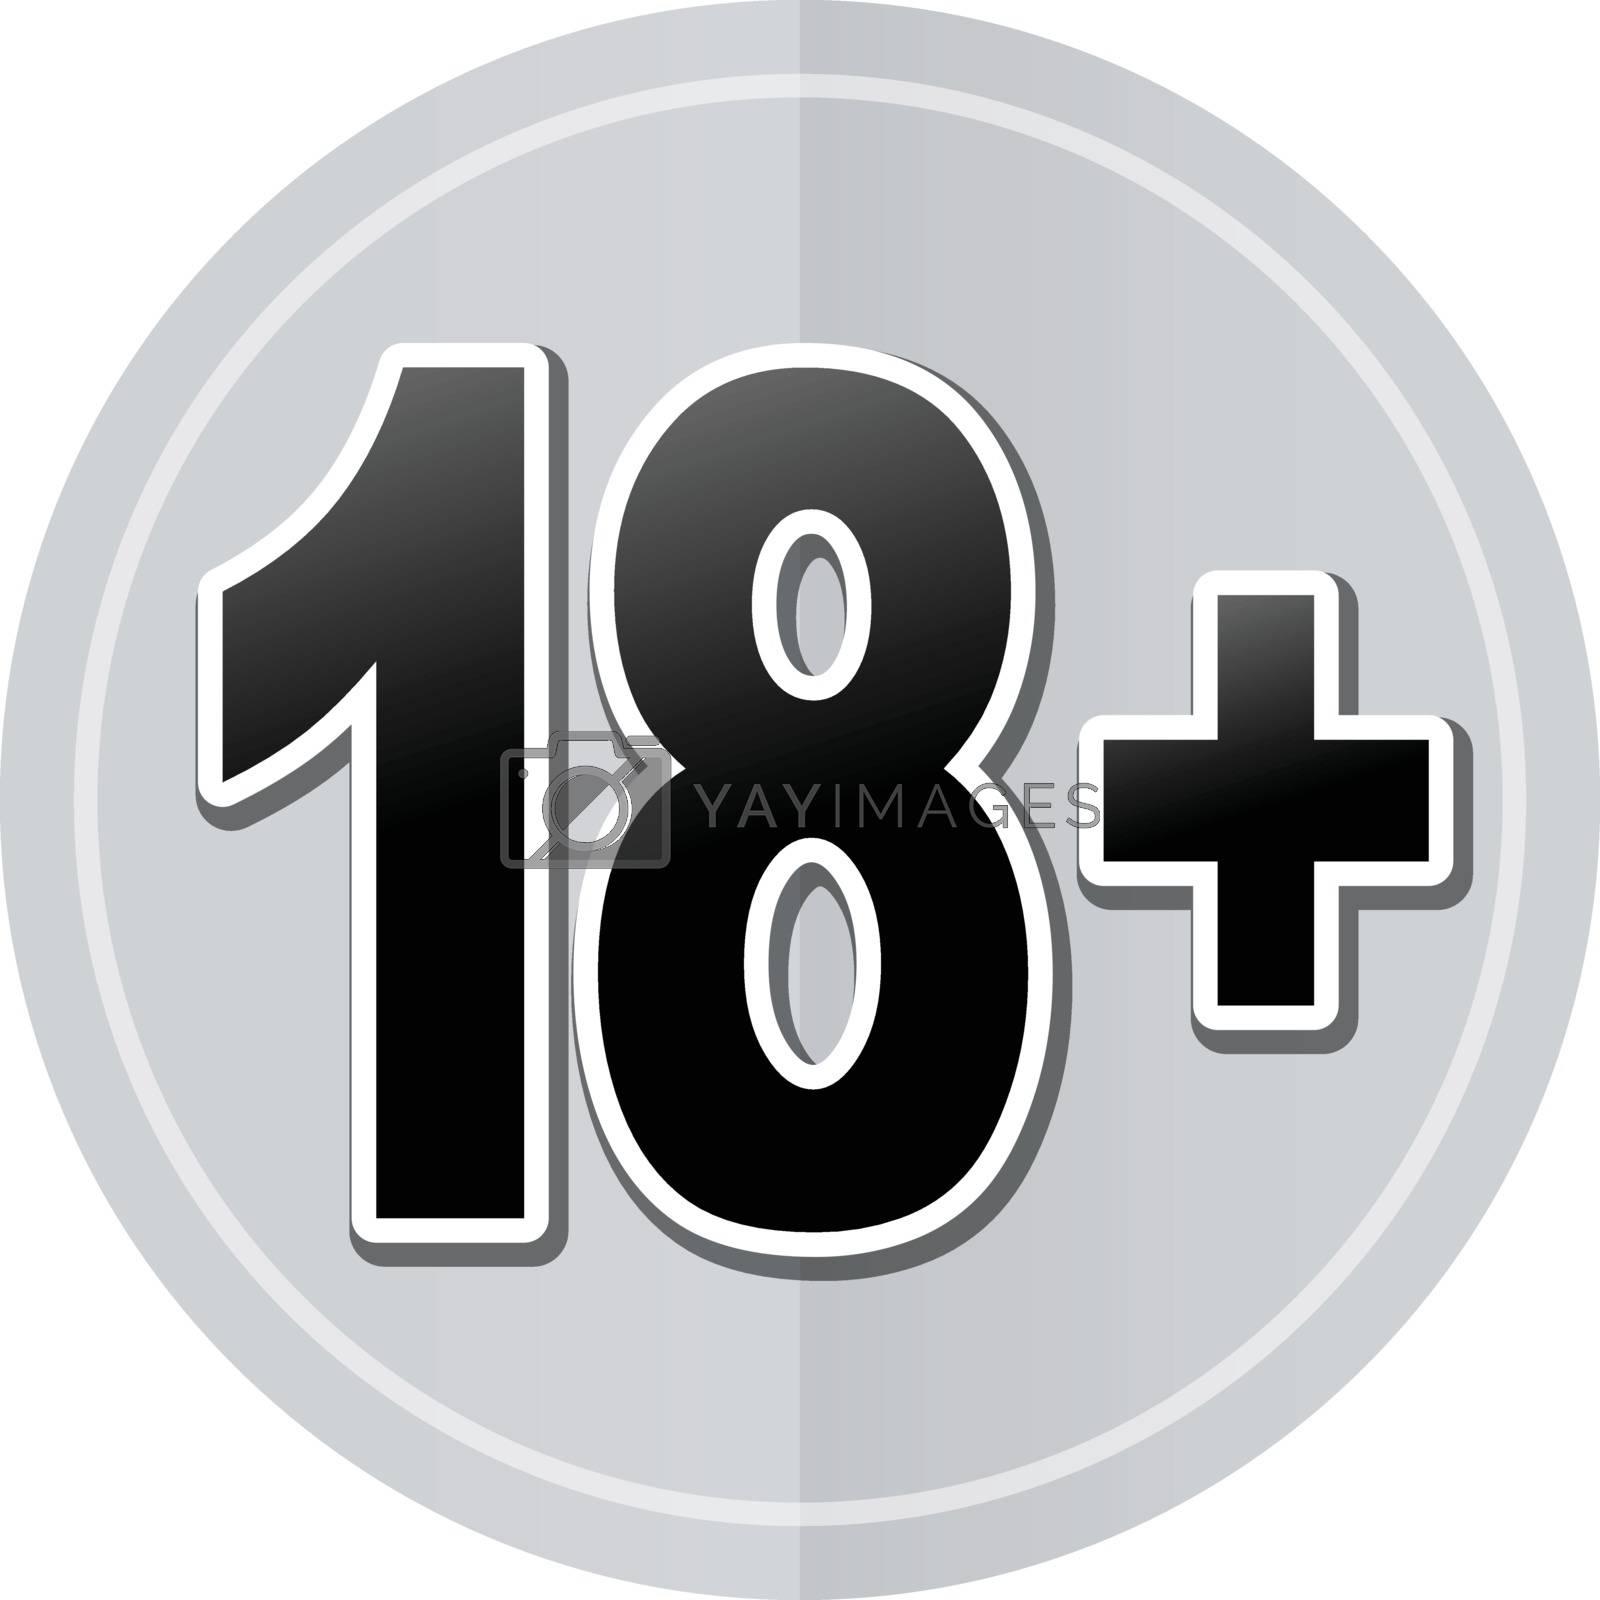 Illustration of eighteen sticker icon simple design